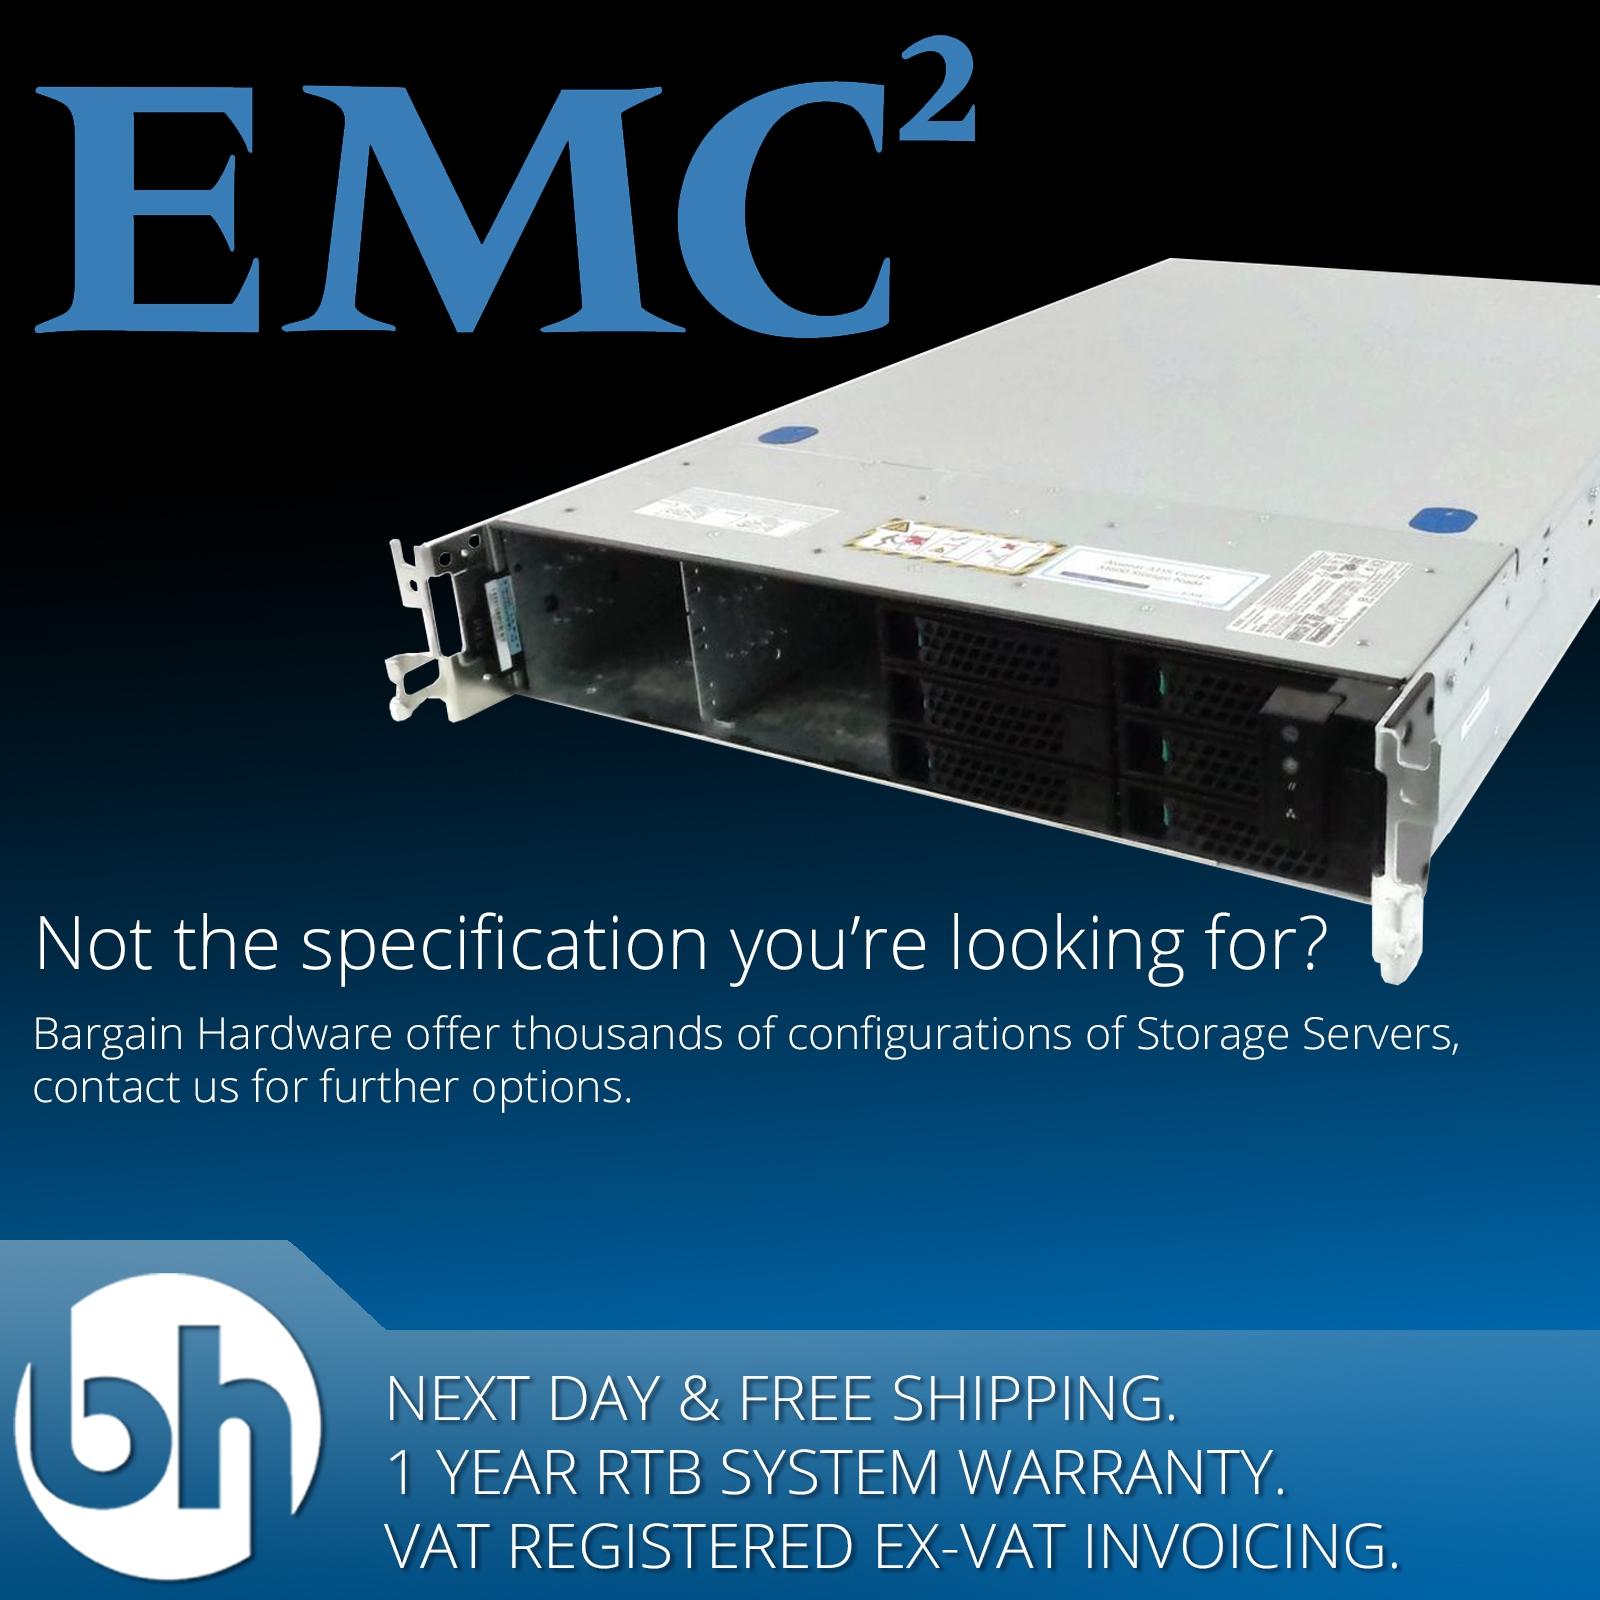 DL360P G8 Server 2X 2.60Ghz E5-2670 8C 64GB 4X 400GB SSD